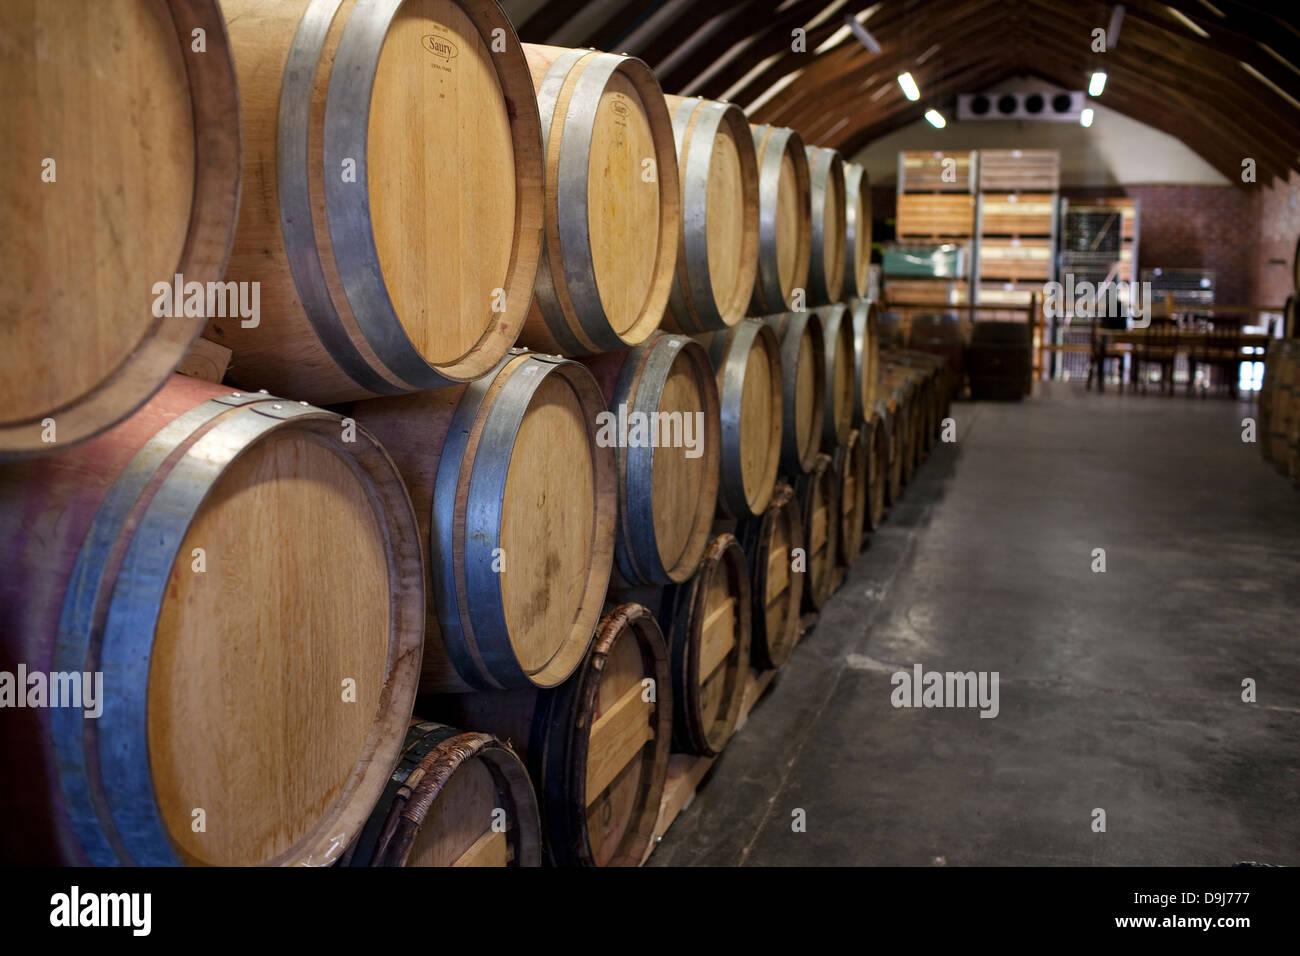 Mullineaux wine cellar 225 litres red wine stored in french oak barrels Swartland wine route Riebeek Kasteel Western Cape South & Mullineaux wine cellar 225 litres red wine stored in french oak ...